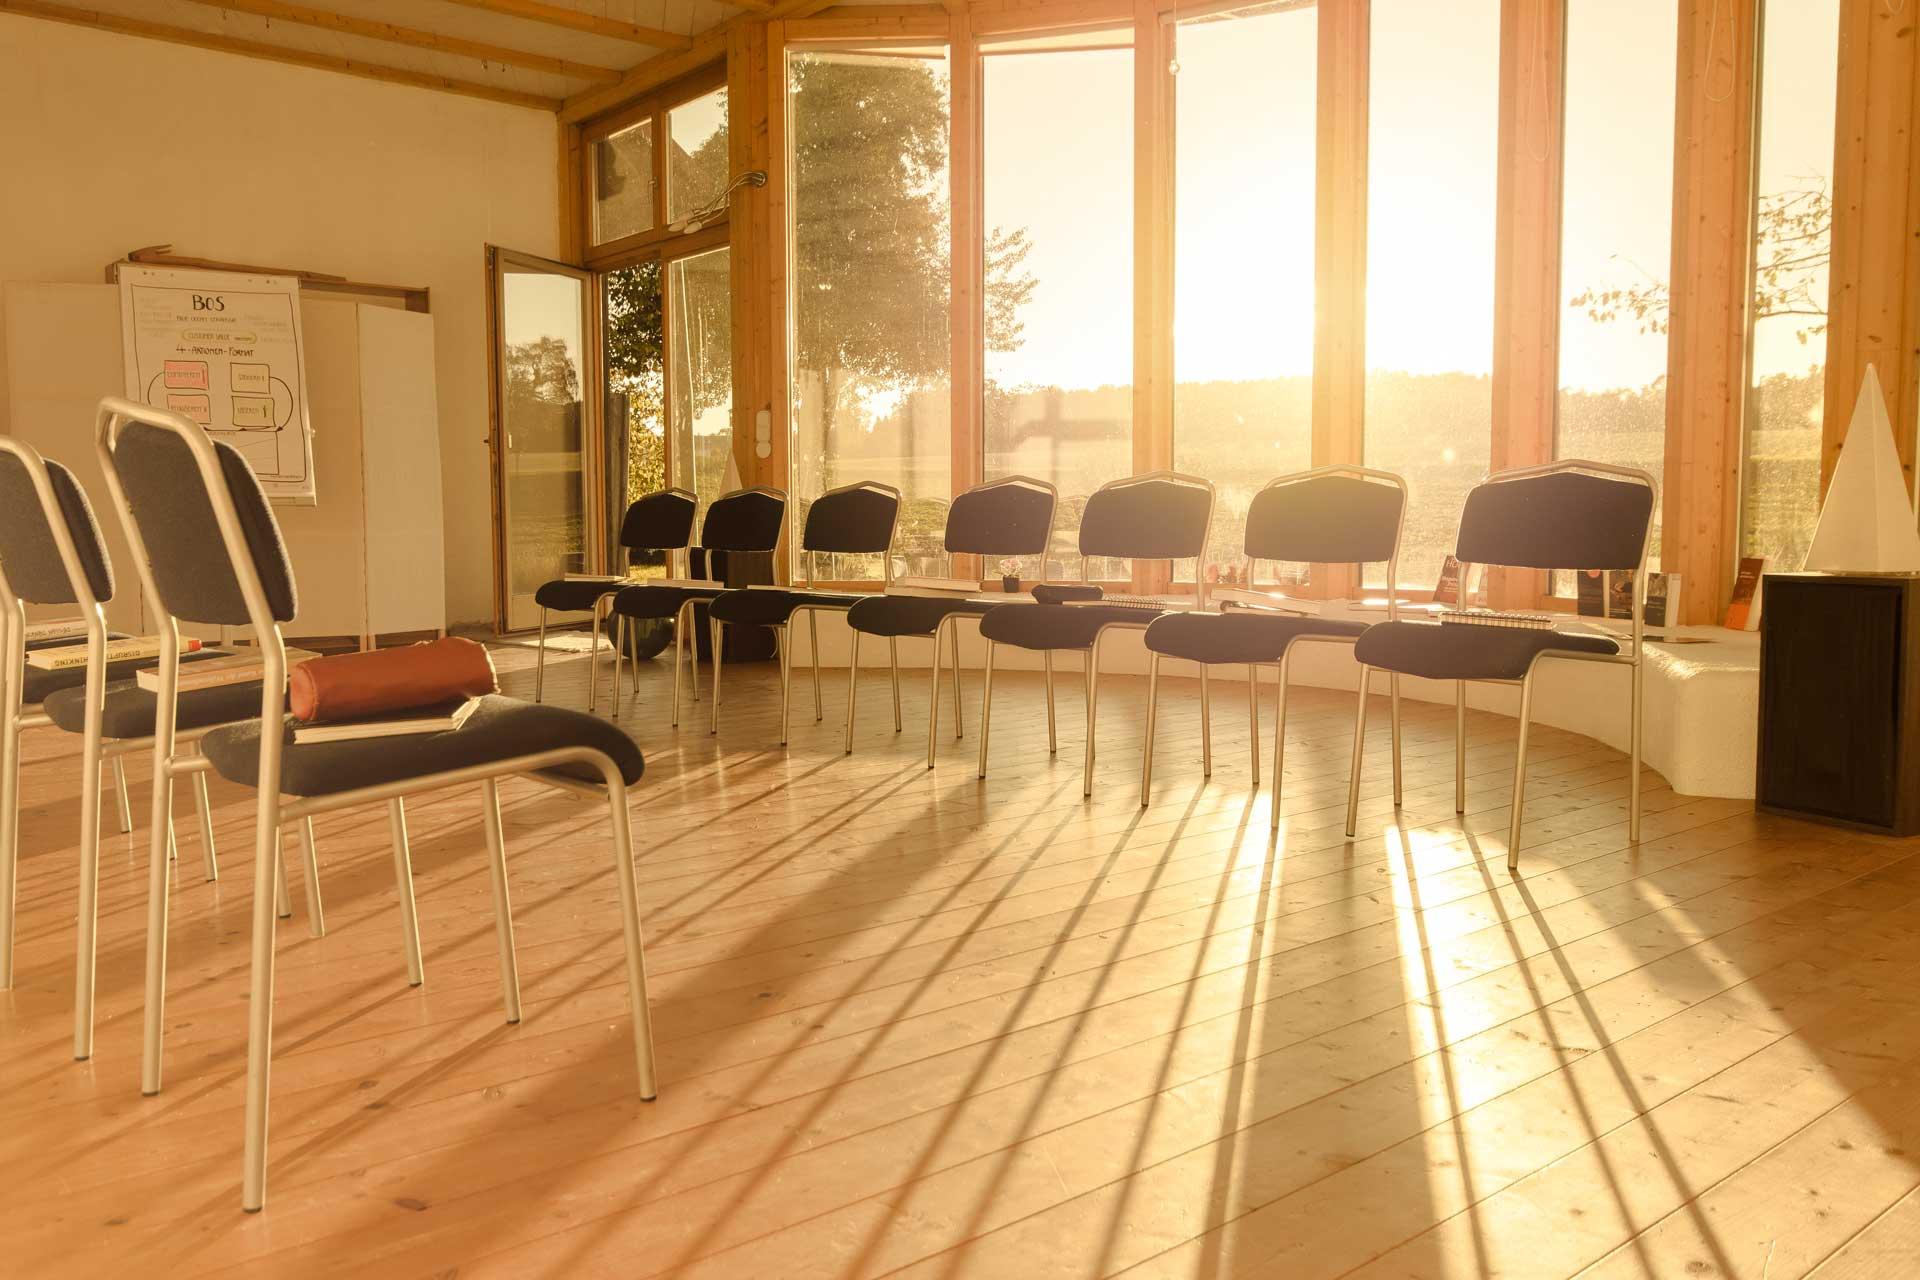 Das Bild zeigt den sonnendurchfluteten Seminarraum.